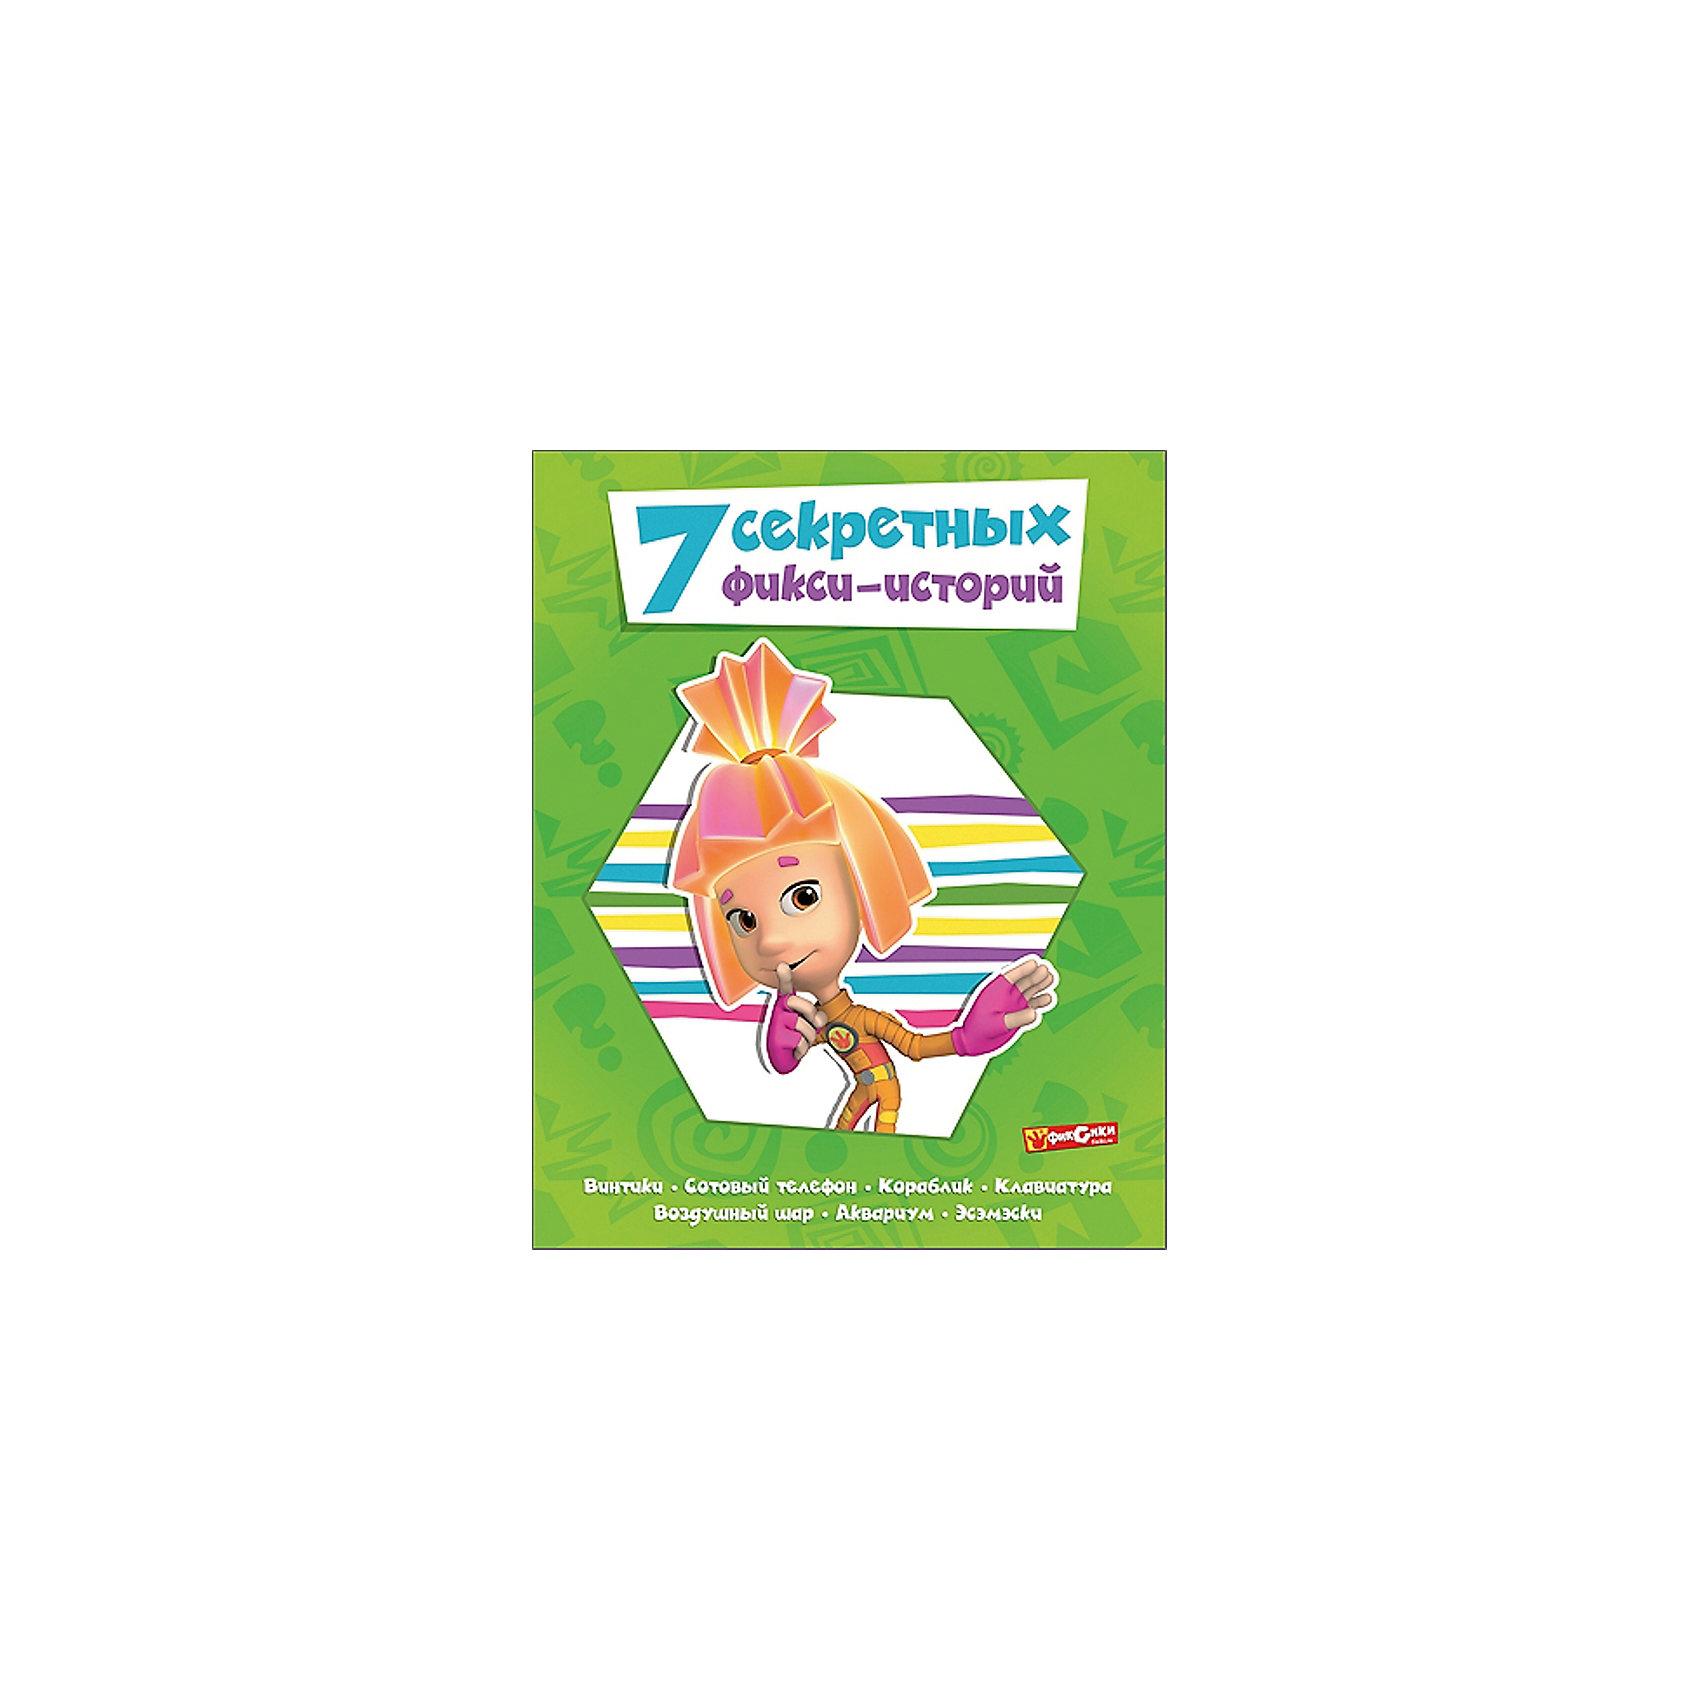 7 секретных фикси-историй, ФиксикиОбучать ребенка новому можно в веселой форме! Книги - это лучший подарок не только взрослым, они помогают детям познавать мир и учиться читать, также книги позволяют ребенку весело проводить время. Они также стимулируют развитие воображения, логики и творческого мышления.<br>Это издание содержит веселые истории, в которых Фиксики расскажут, как устроены многие вещи. Их можно читать и дома, и в дороге. Истории о любимых мультяшных героях современных детей позволят провести время с пользой! Такая книжка учит детей самому доброму. Яркие картинки обязательно понравятся малышам!<br>  <br>Дополнительная информация:<br><br>страниц: 80; <br>размер: 205х260 мм;<br>вес: 310 г.<br><br>Книгу 7 секретных фикси-историй от издательства Проф-Пресс можно купить в нашем магазине.<br><br>Ширина мм: 205<br>Глубина мм: 10<br>Высота мм: 260<br>Вес г: 310<br>Возраст от месяцев: 24<br>Возраст до месяцев: 72<br>Пол: Унисекс<br>Возраст: Детский<br>SKU: 4787203